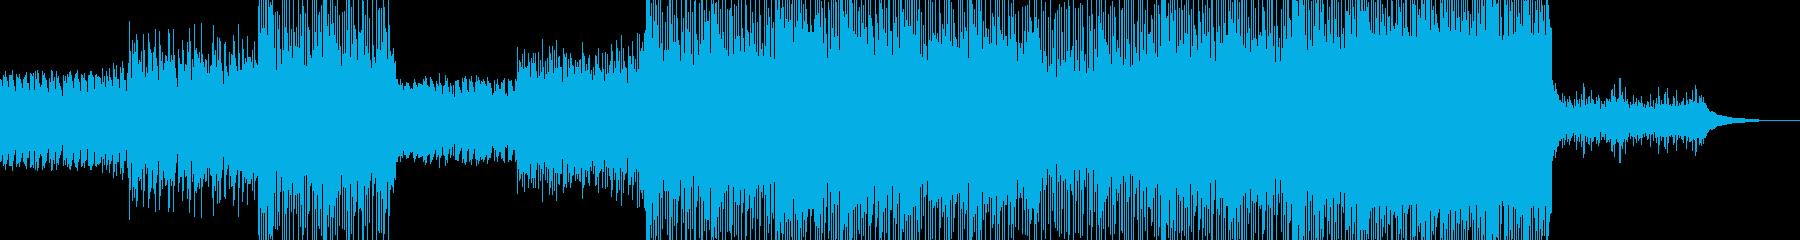 変則的なリズムのピアノとエレキの再生済みの波形